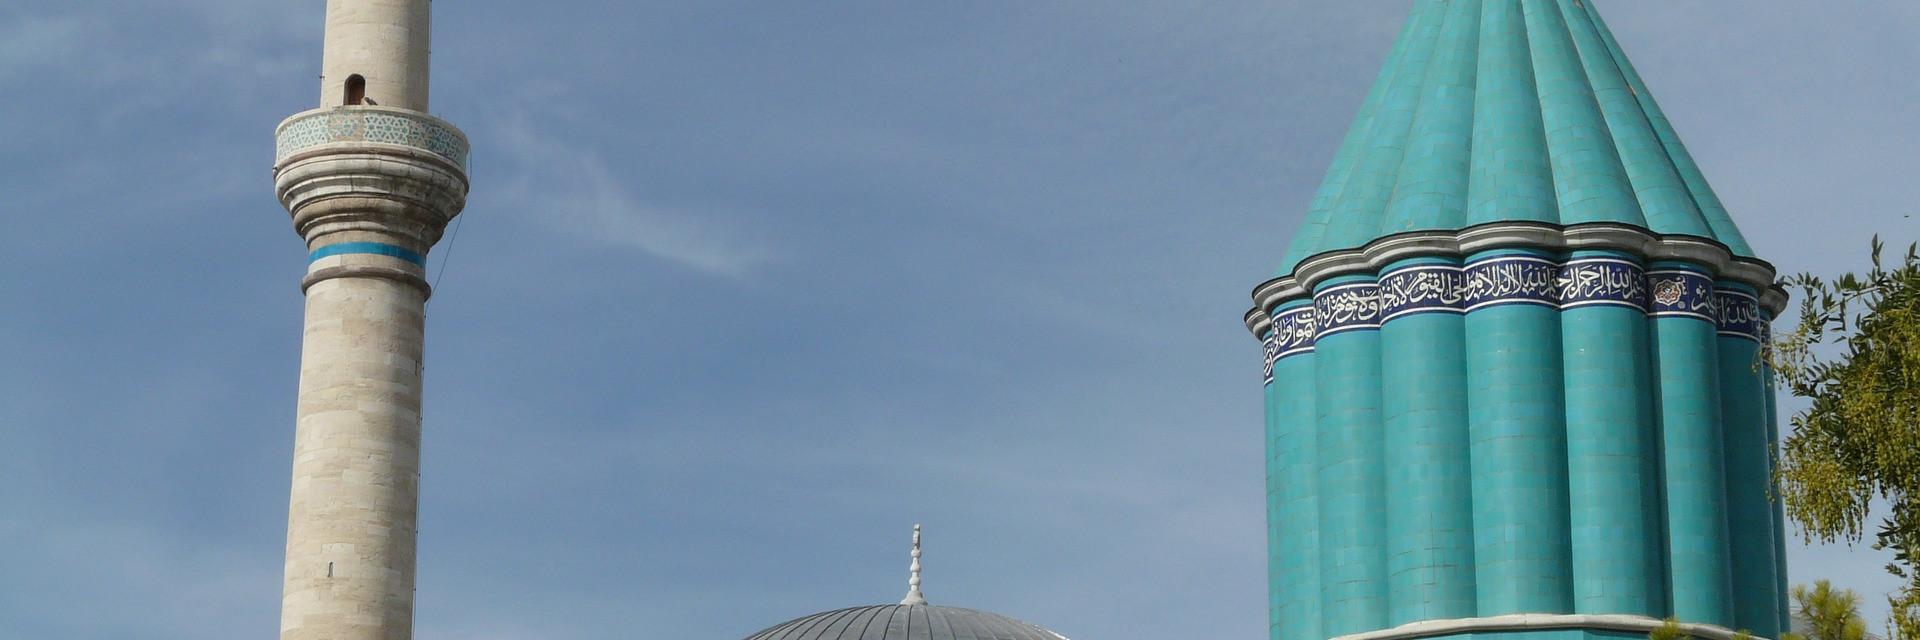 Alâeddin Mosque